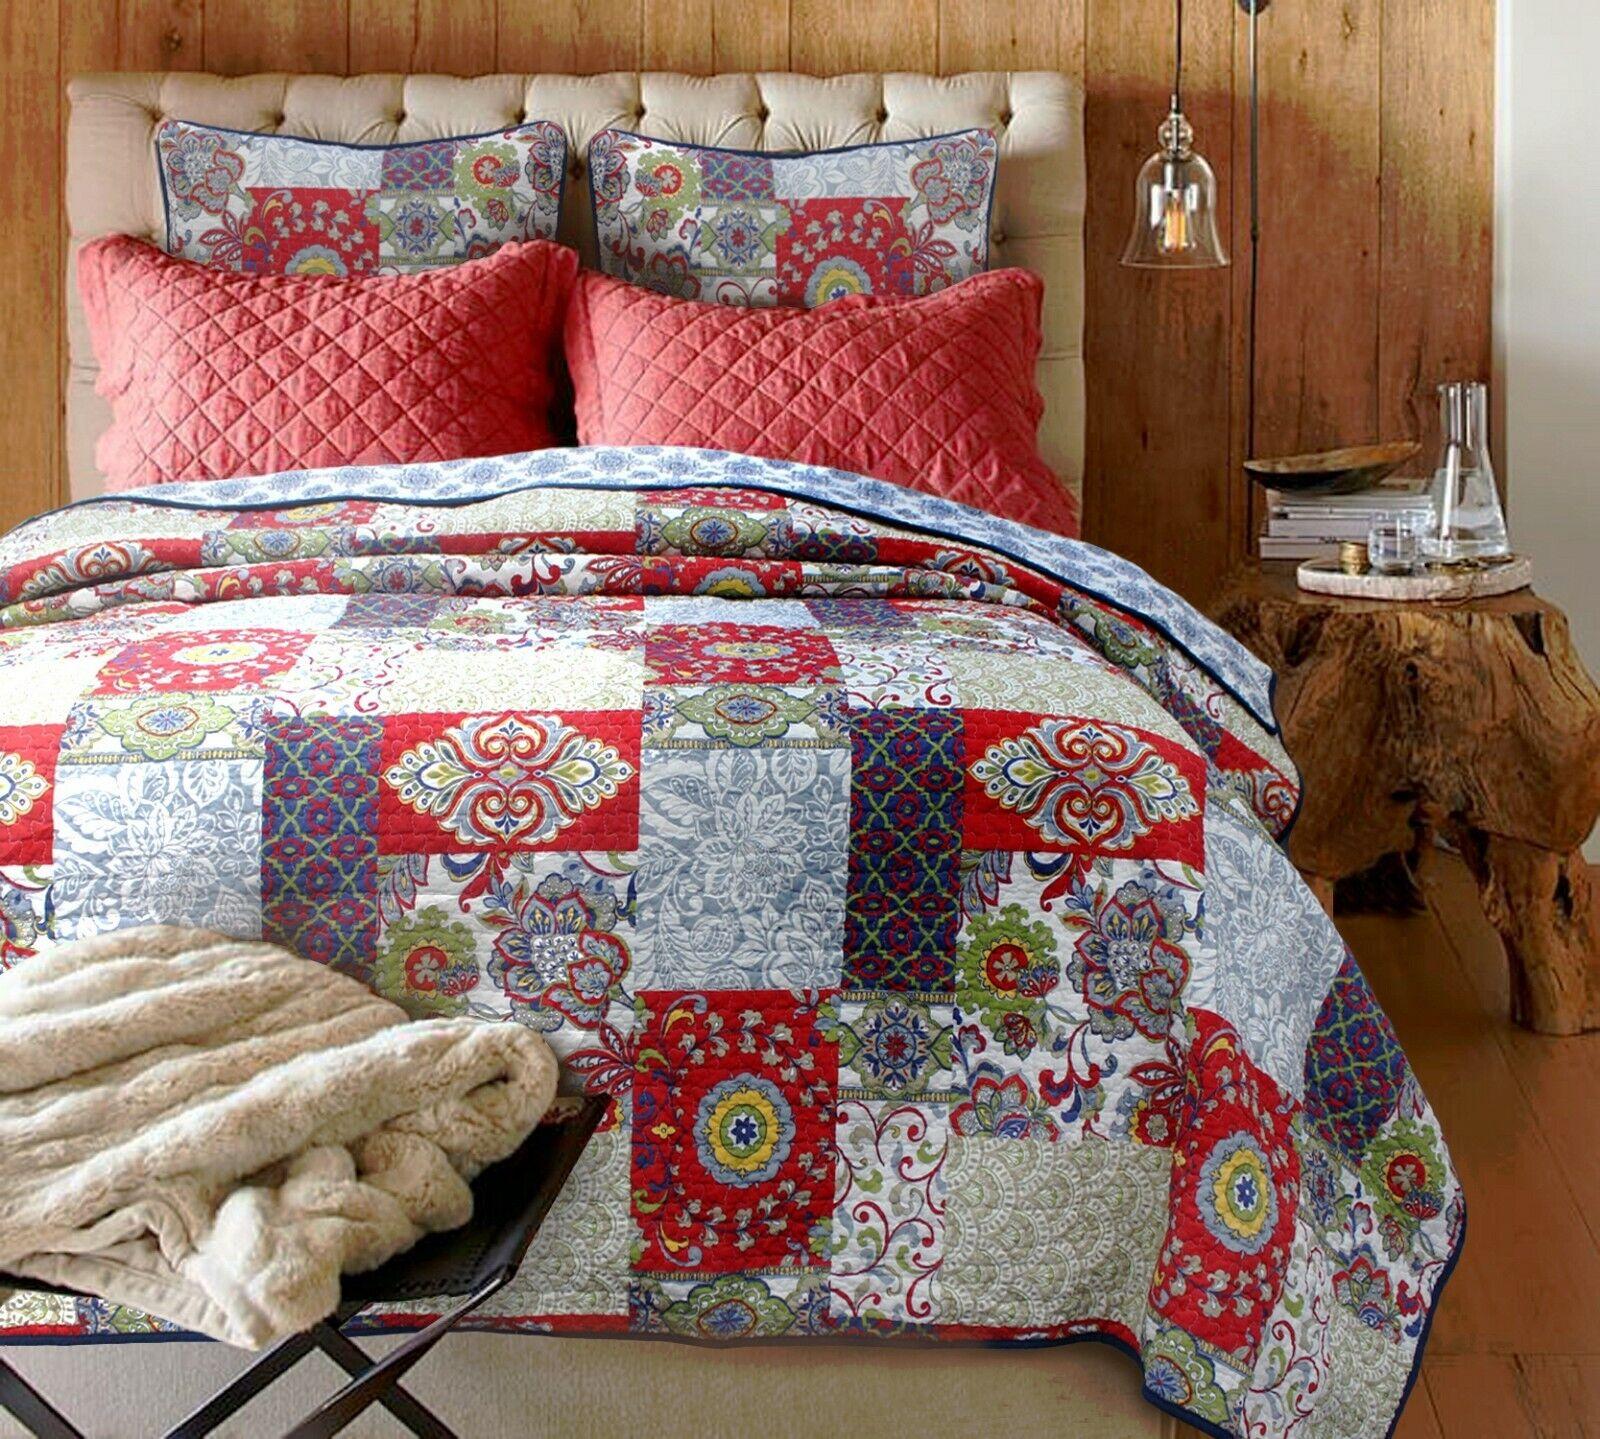 Vintage Garden Reversible Cotton Quilt Set, Bedspreads, Cove